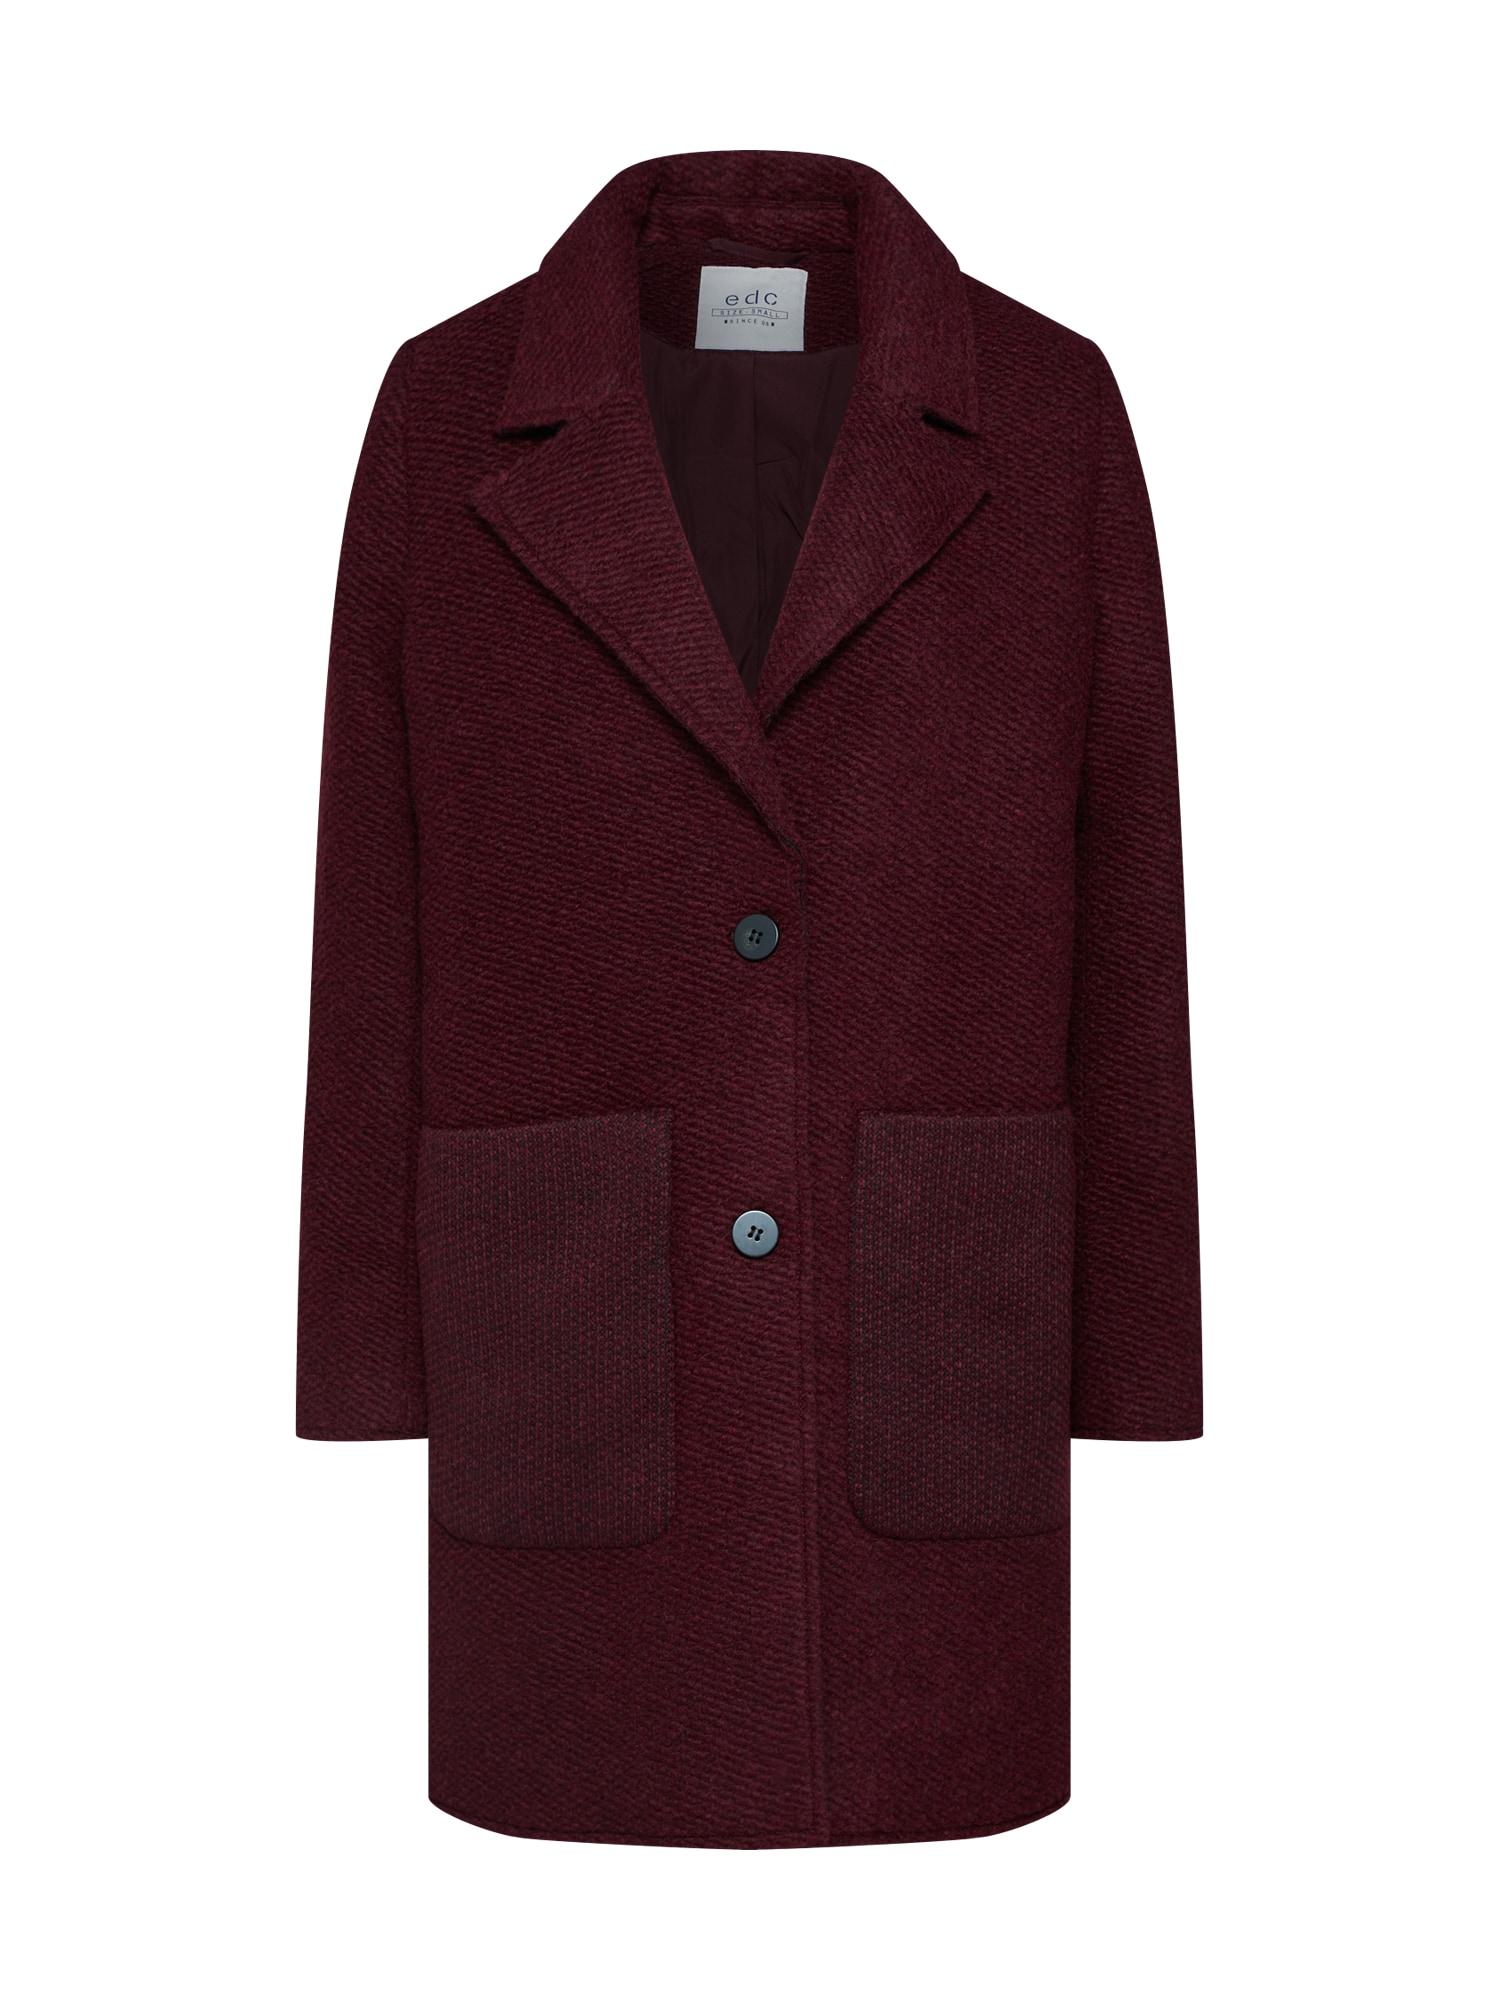 EDC BY ESPRIT Žieminis paltas 'Knitted wool' vyšninė spalva